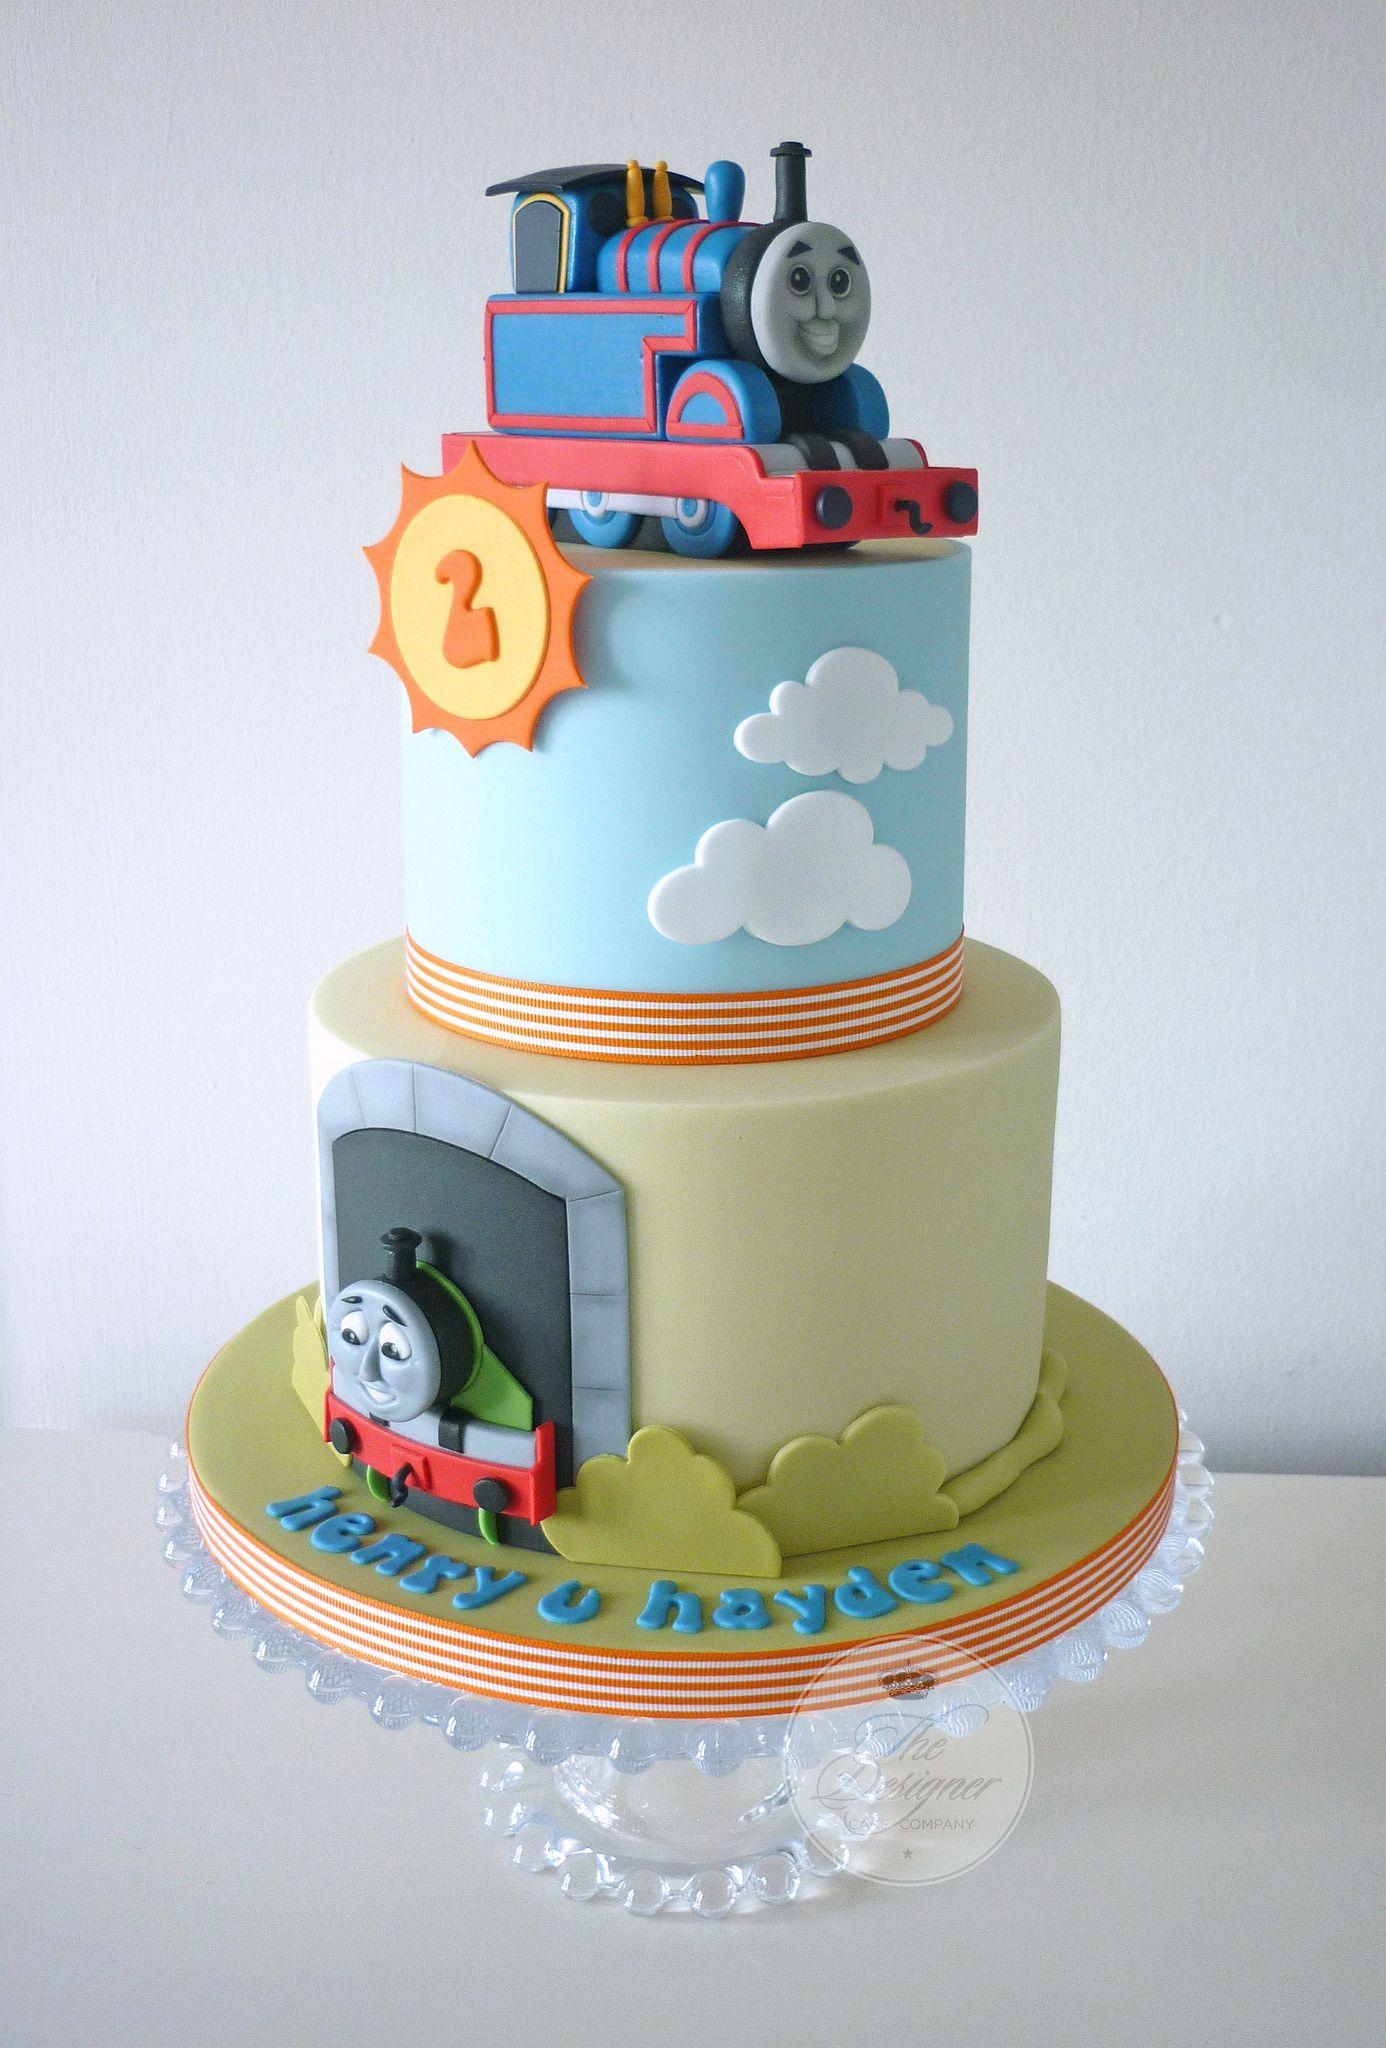 Thomas The Tank Engine Birthday Cake Birthday Cakes Engine And - Thomas birthday cake images